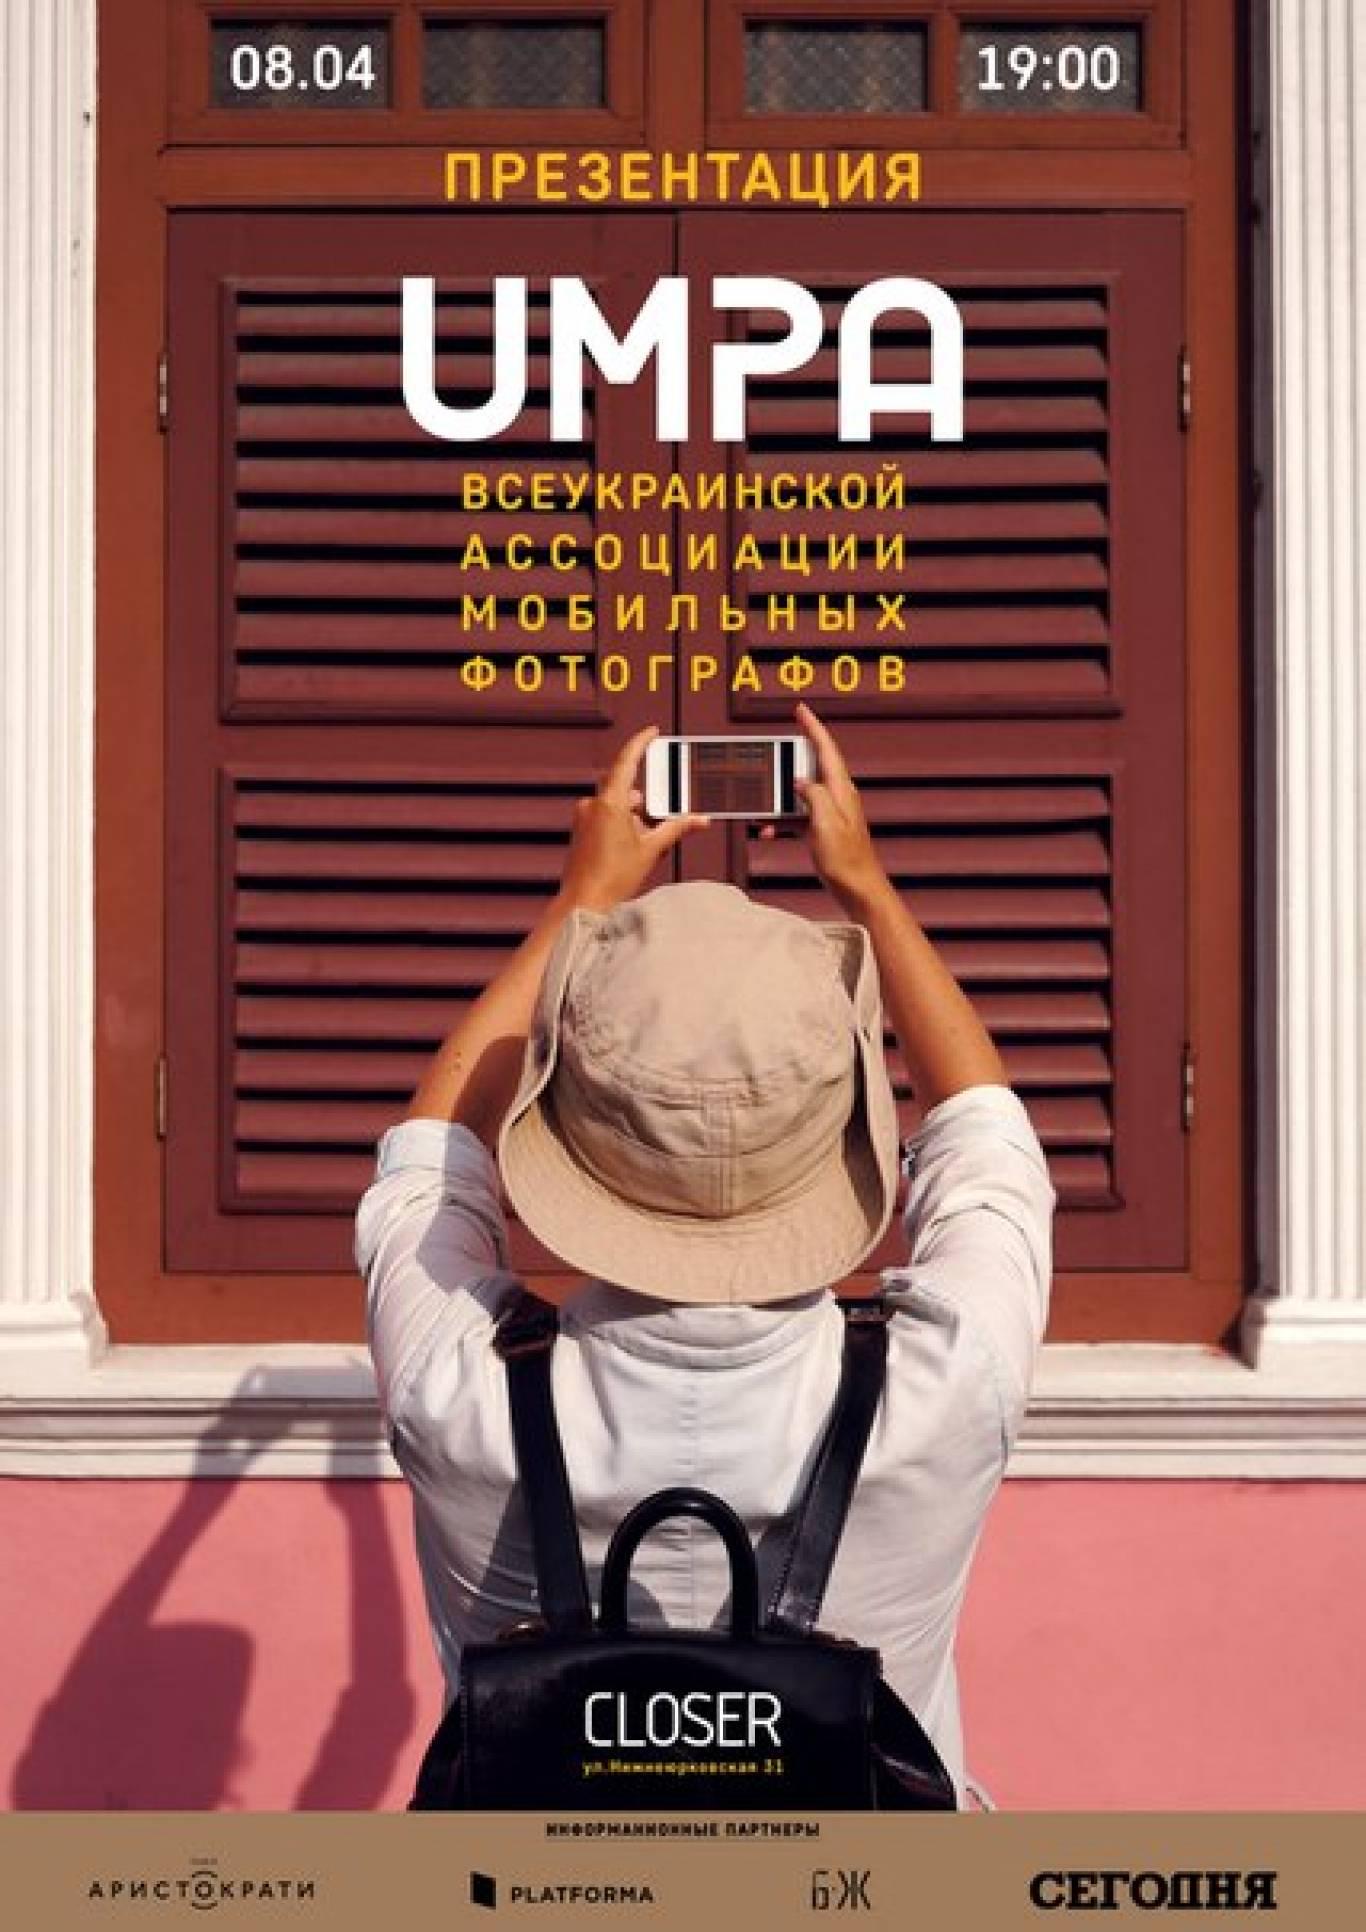 ПРЕЗЕНТАЦІЯ UMPA - Всеукраїнської асоціації мобільних фотографів